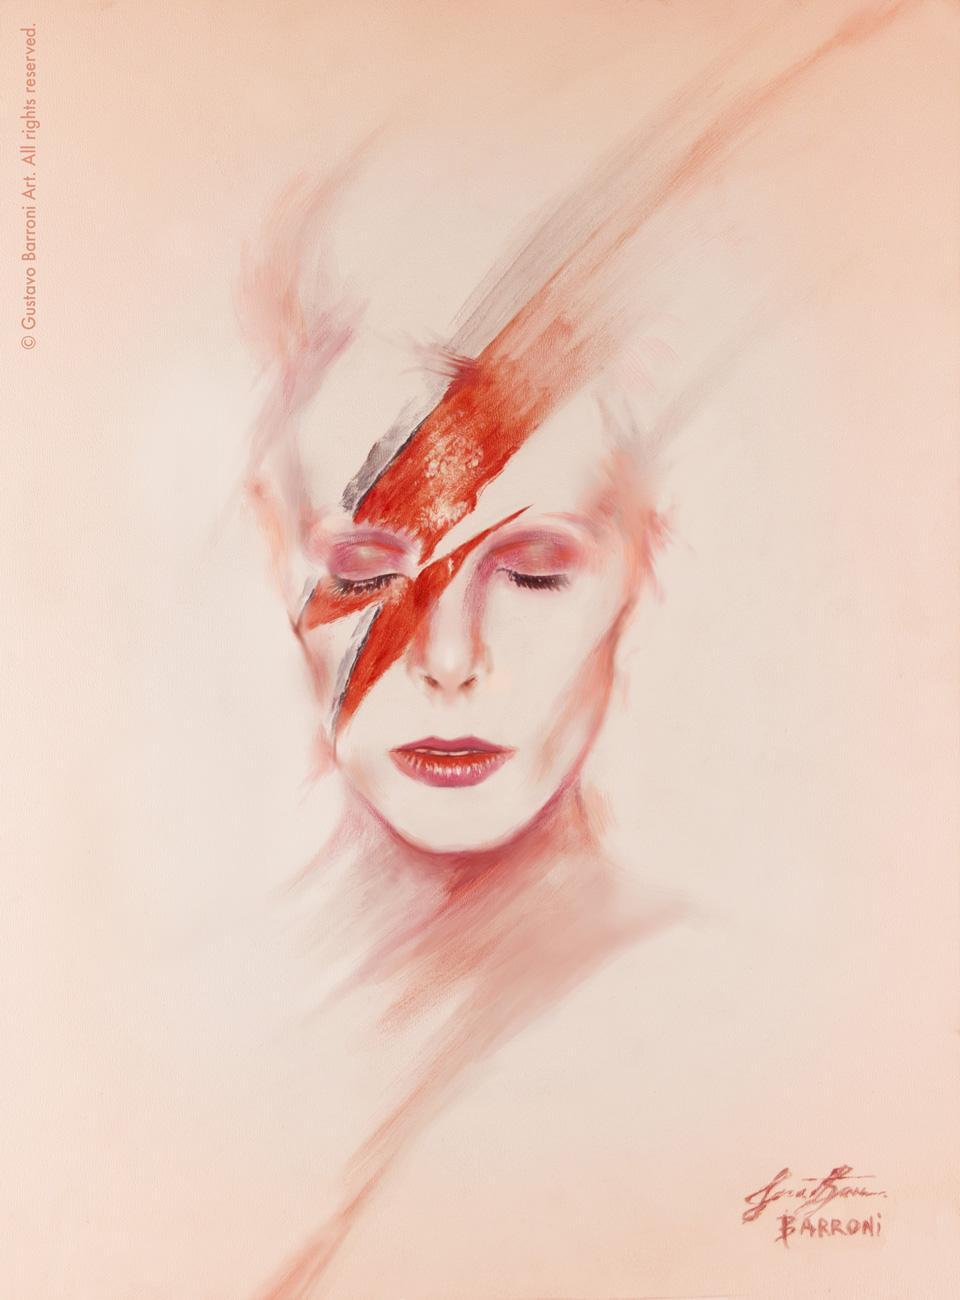 David Bowie portrait - Client work